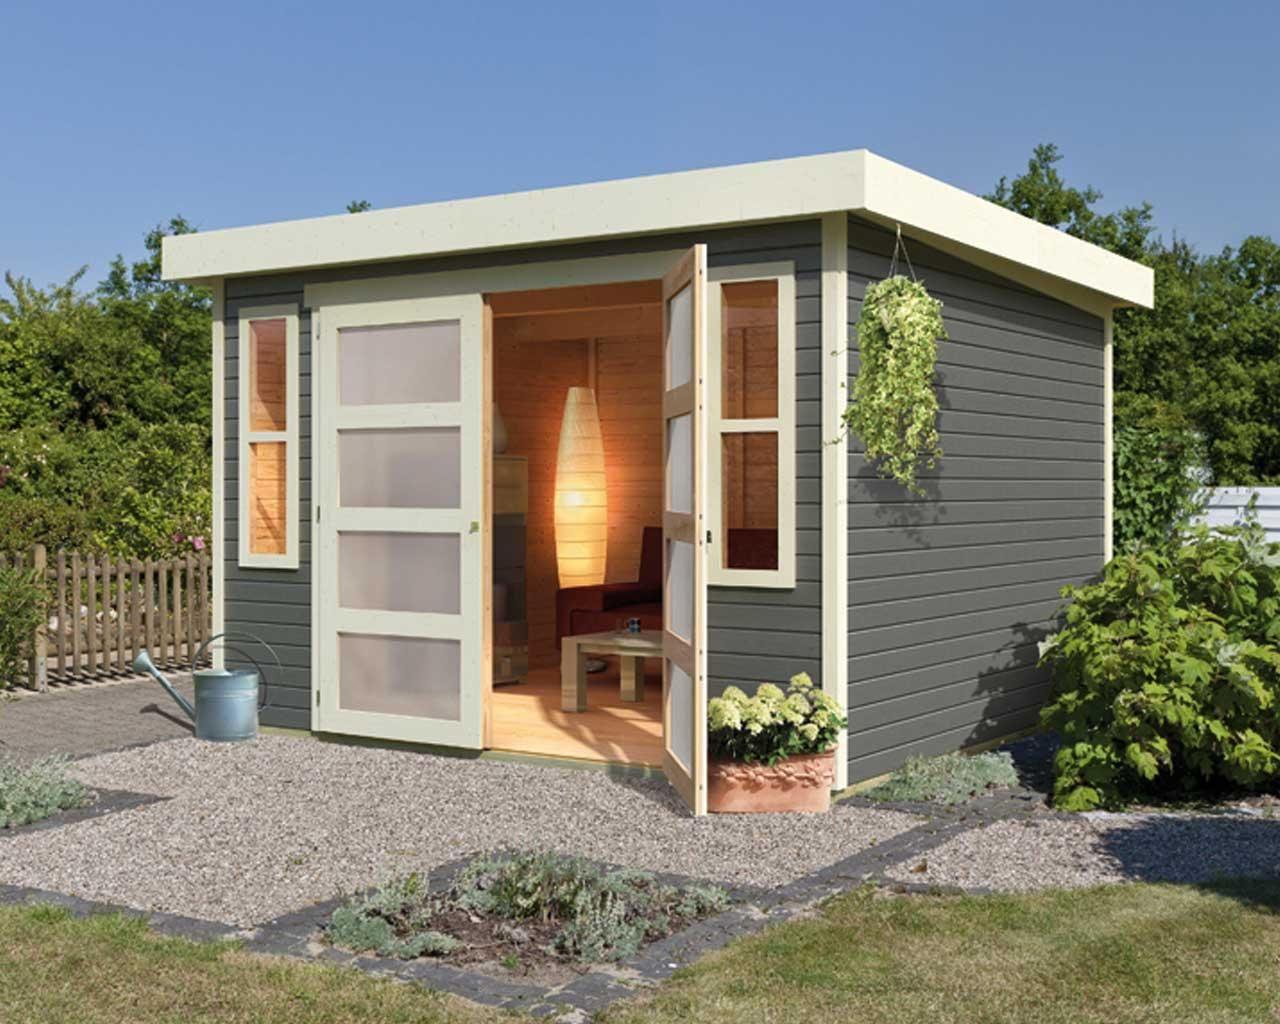 Abri de jardin 6.15m² en bois massif - Tek Import : www.tekimport.fr ...